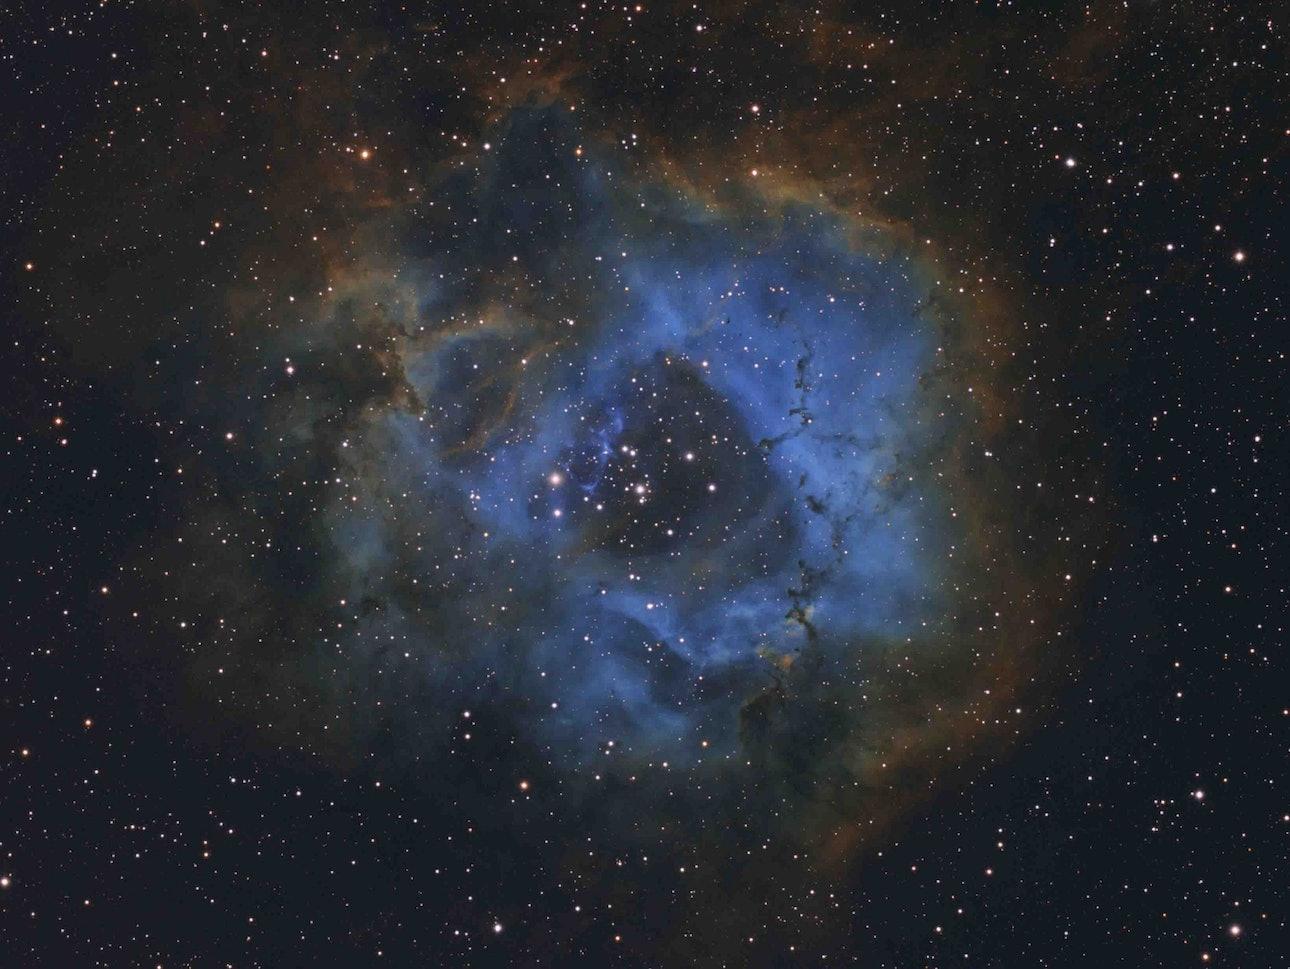 Y3254502261248_Winner_Stellar Flower © Davy van der Hoeven